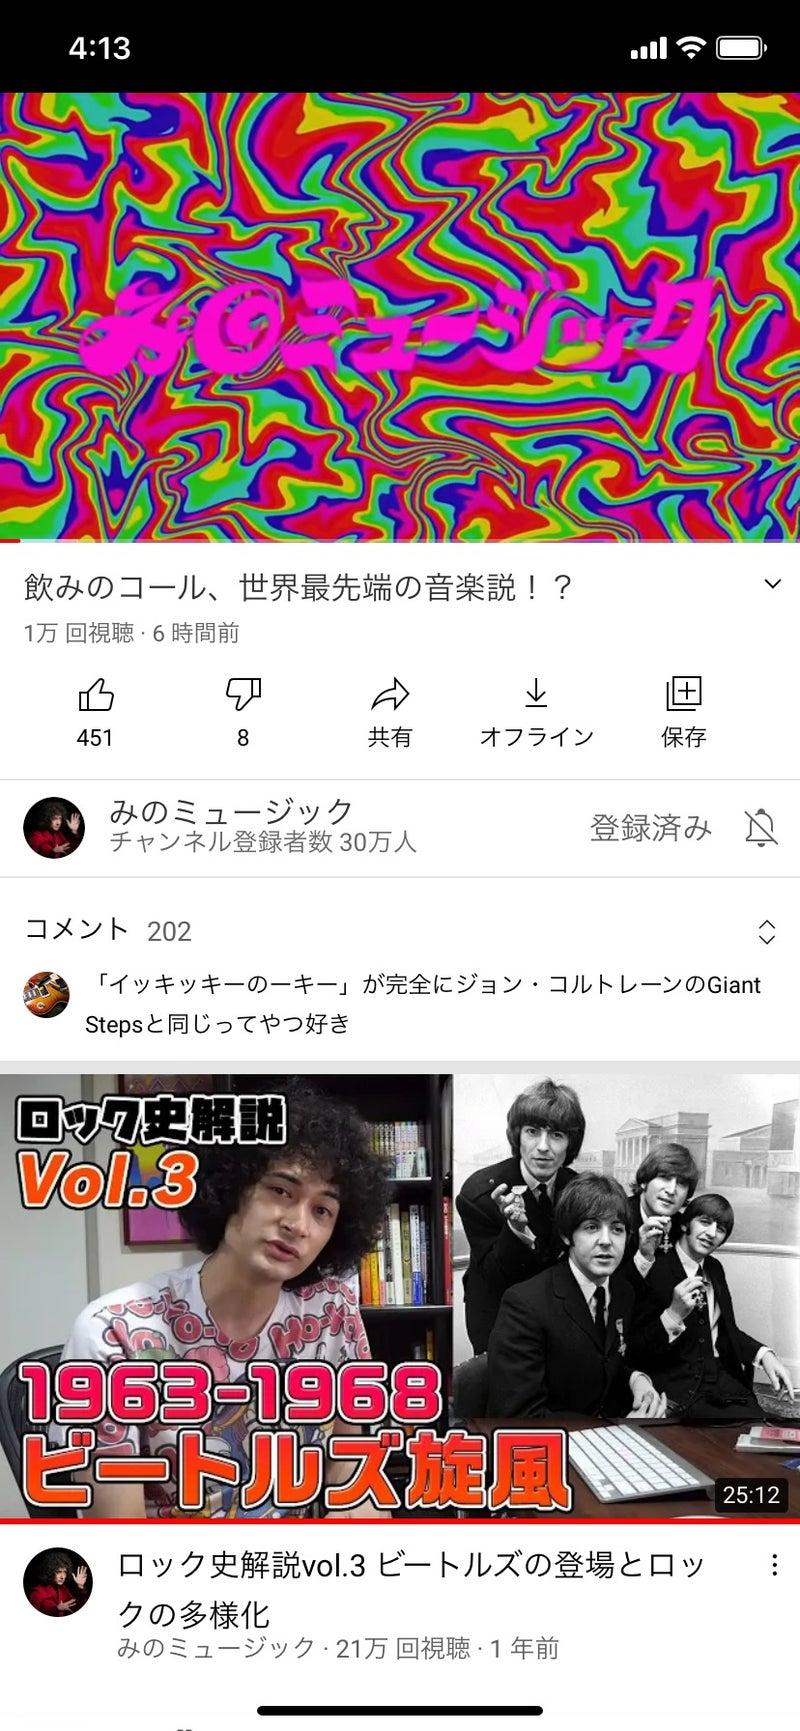 み の ミュージック